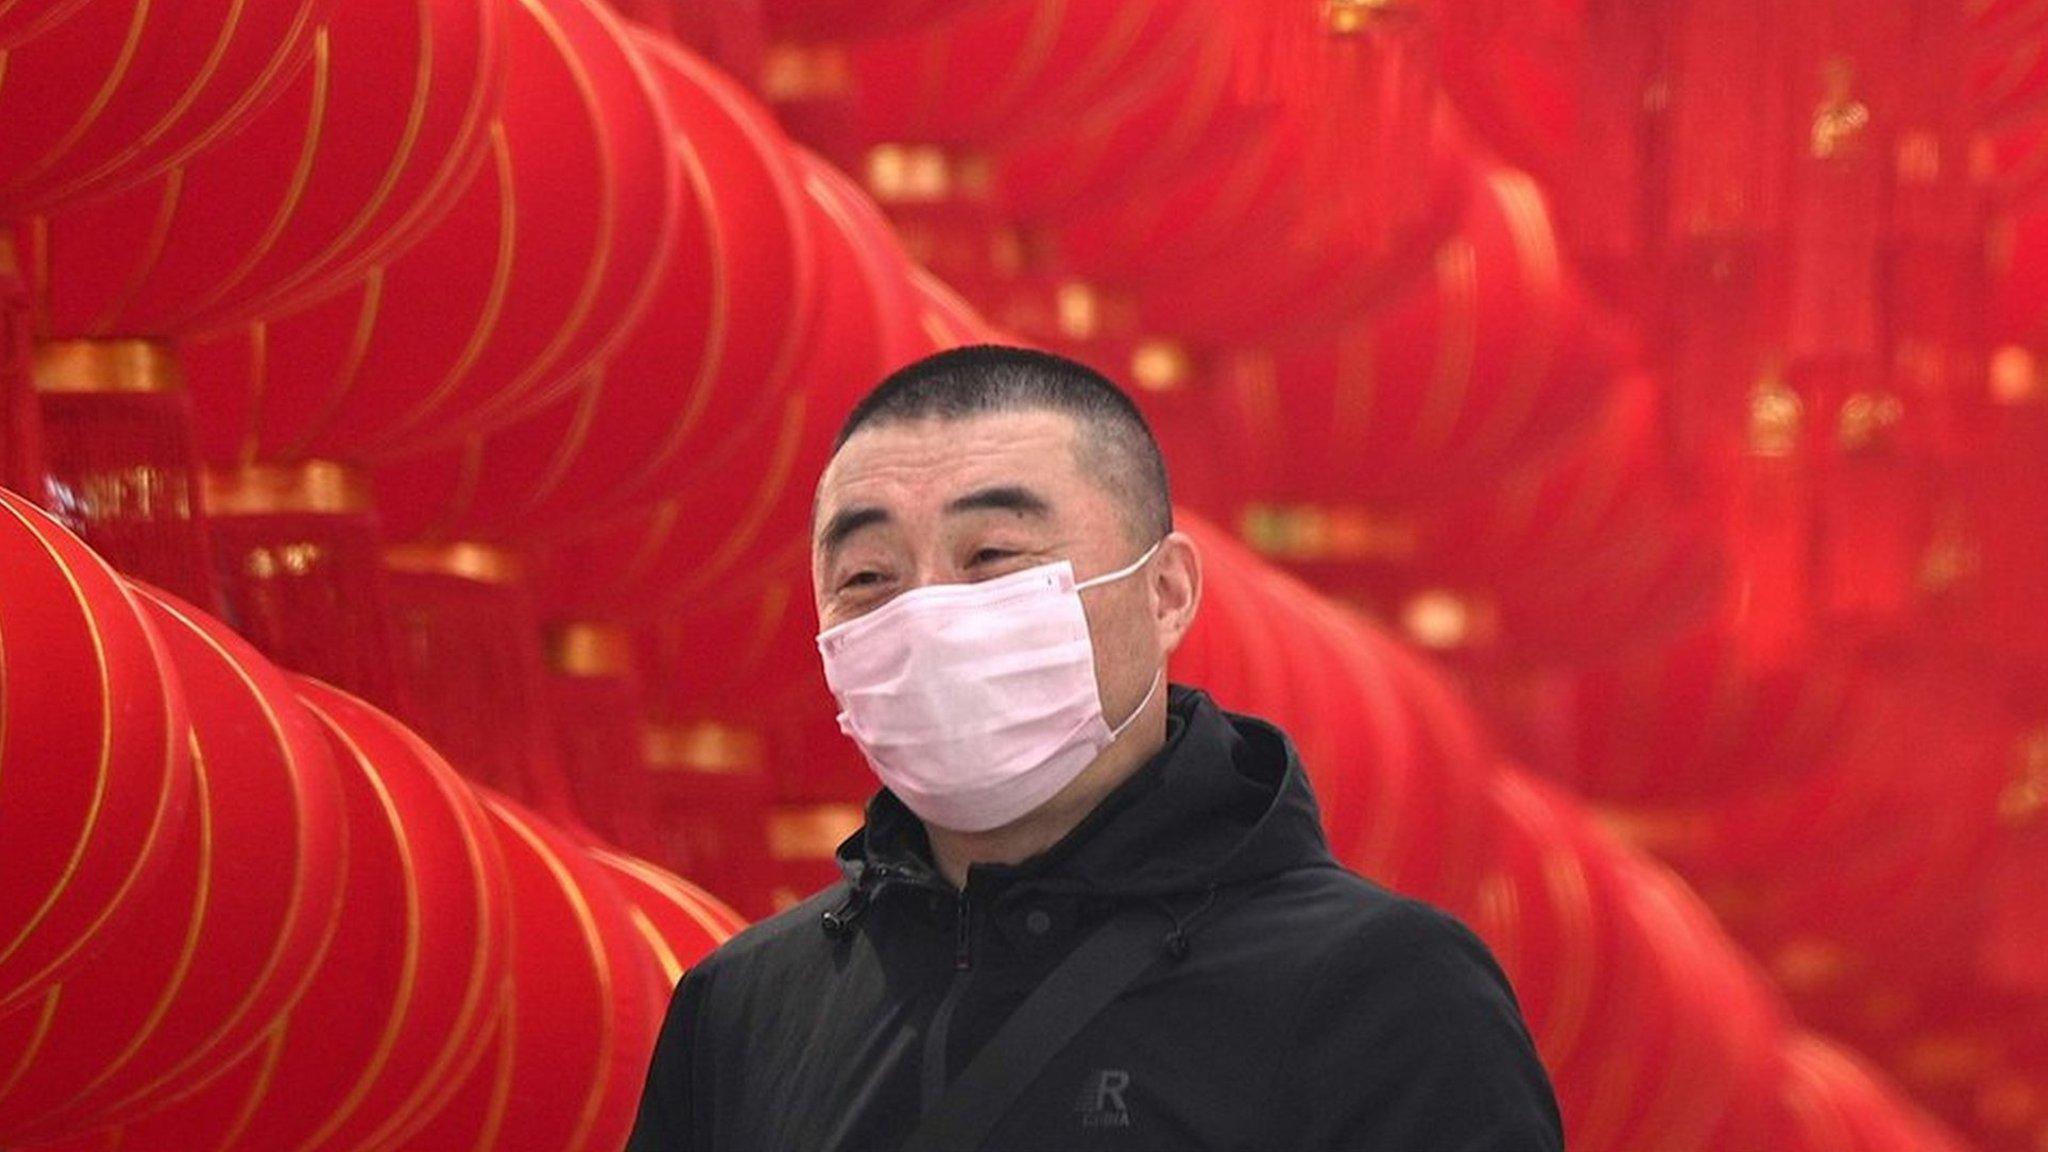 マスク 日本 海外の反応 【海外の反応】「やはり日本は正しかった」遂に日本がマスクの有効性...